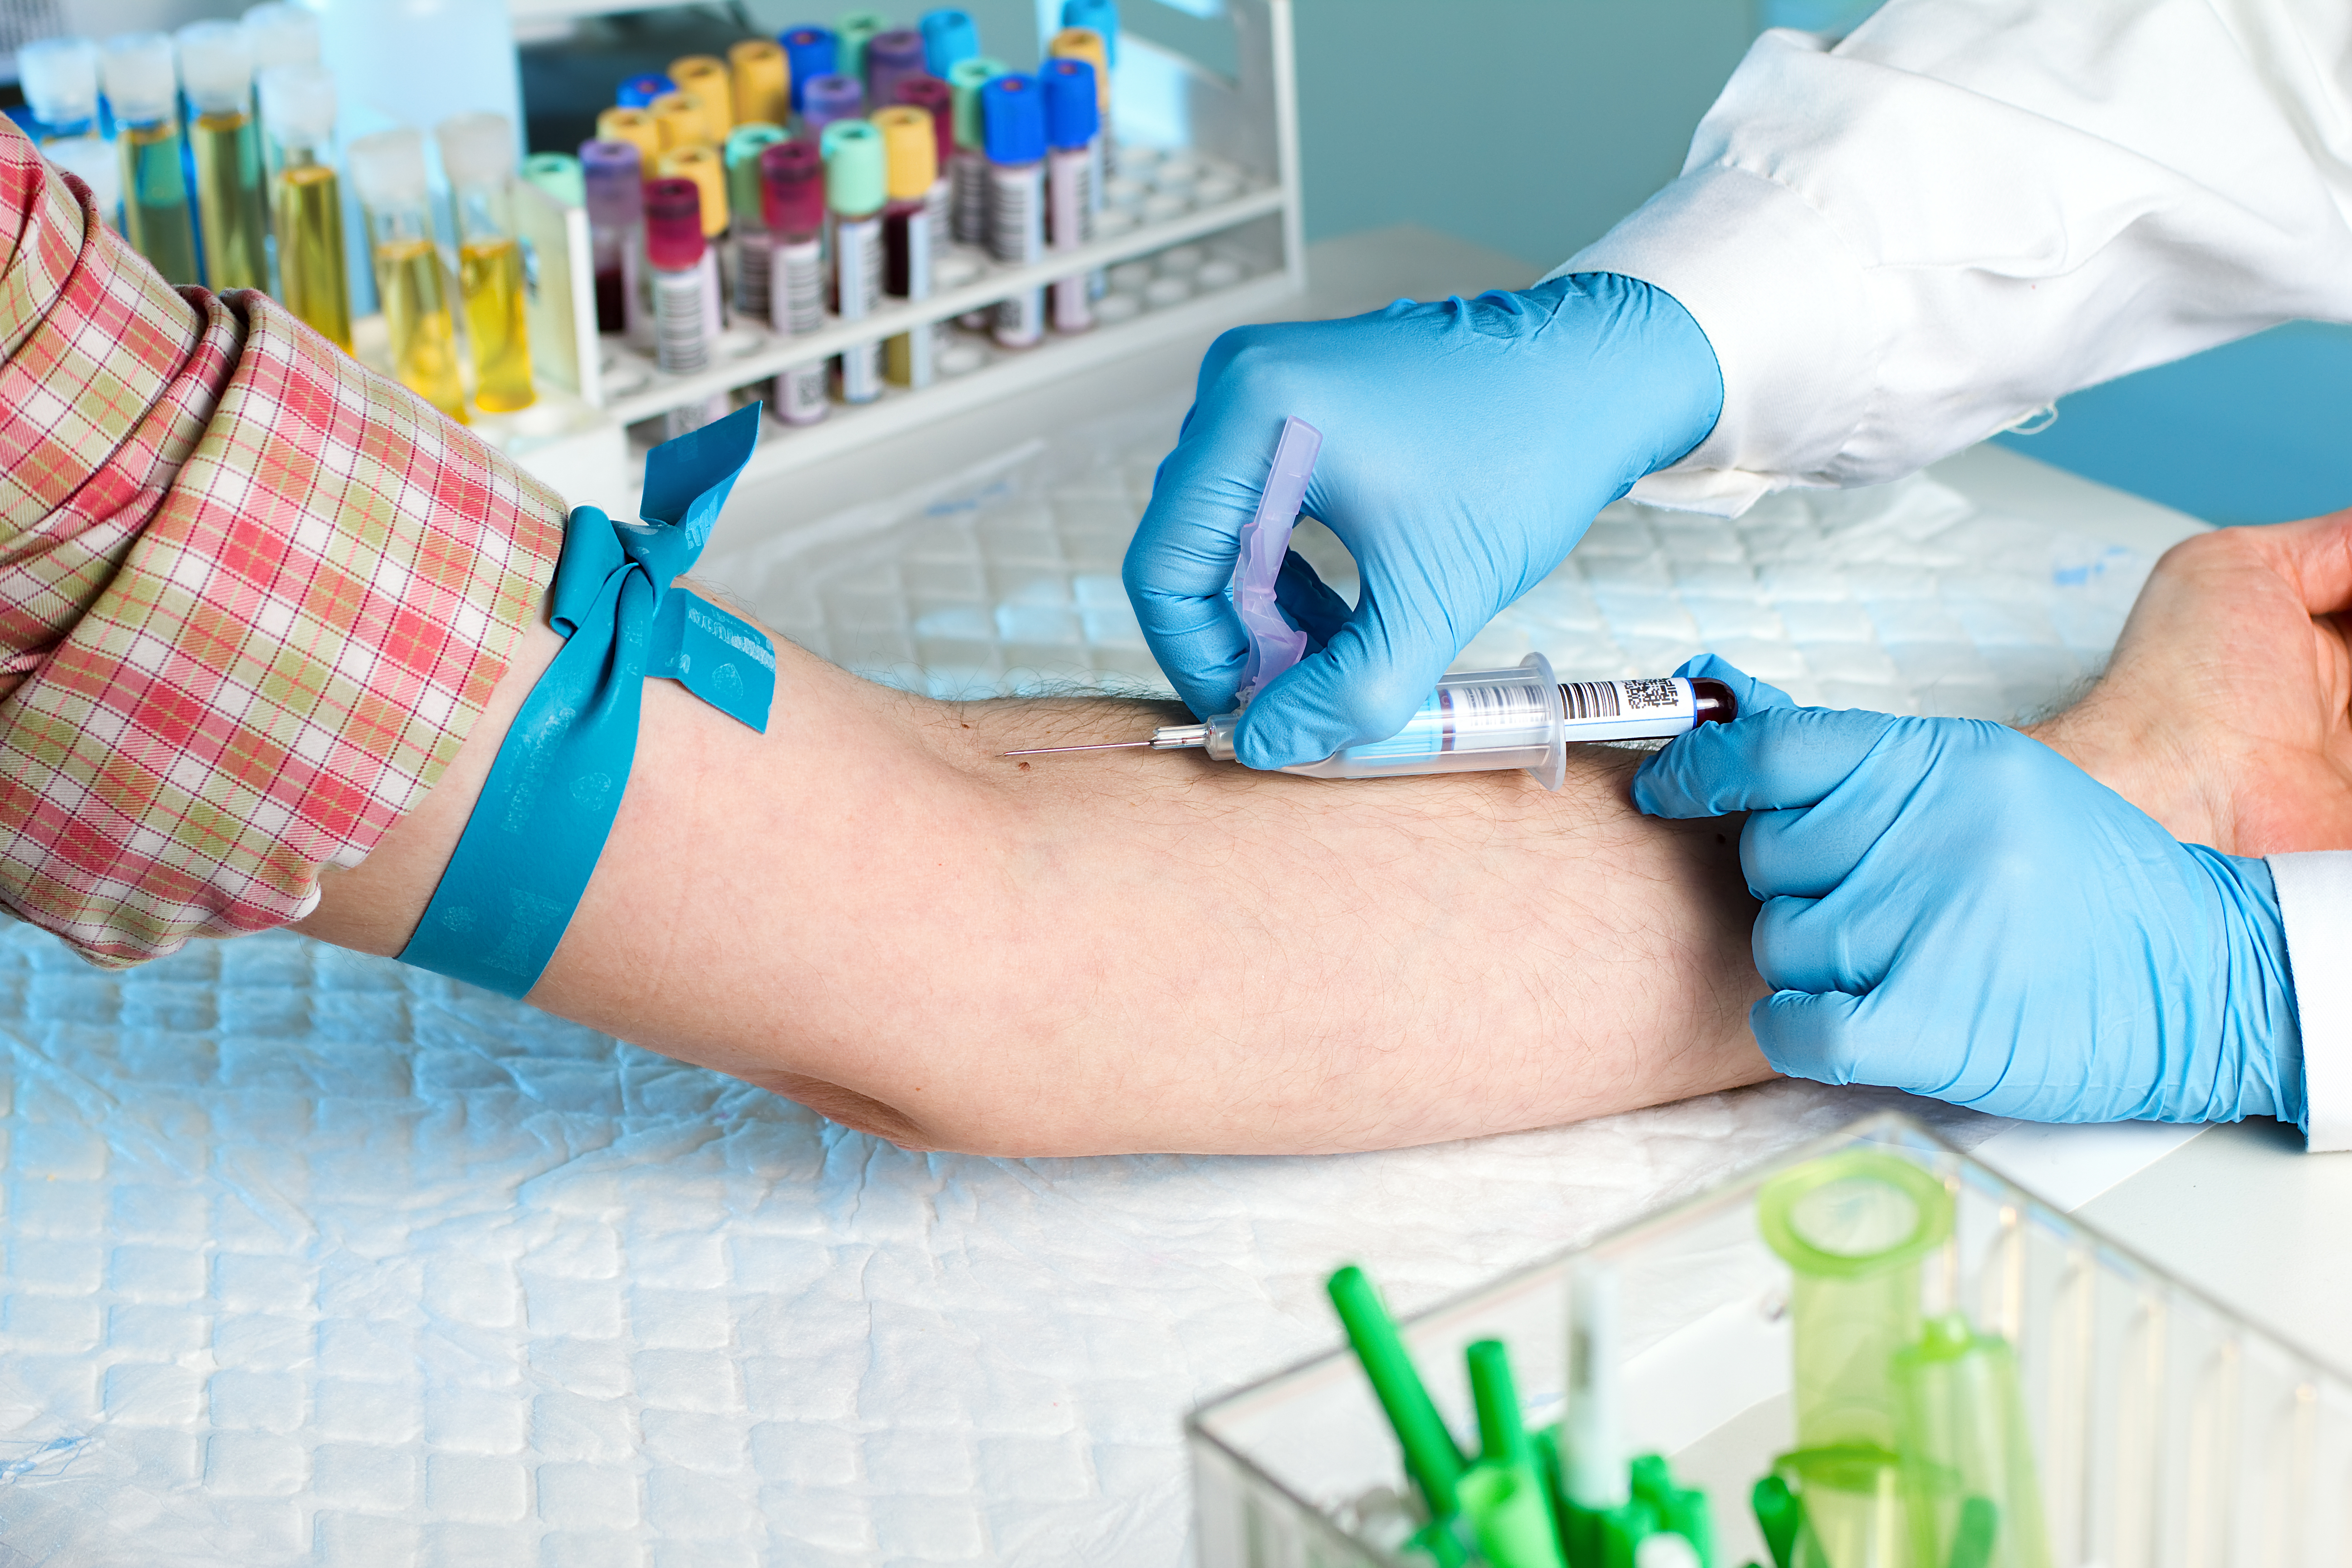 Resultatet av provet ger inte alltid en definitiv diagnos, men kan ge tips om hälsoproblem, som sedan kan kräva ytterligare undersökning.